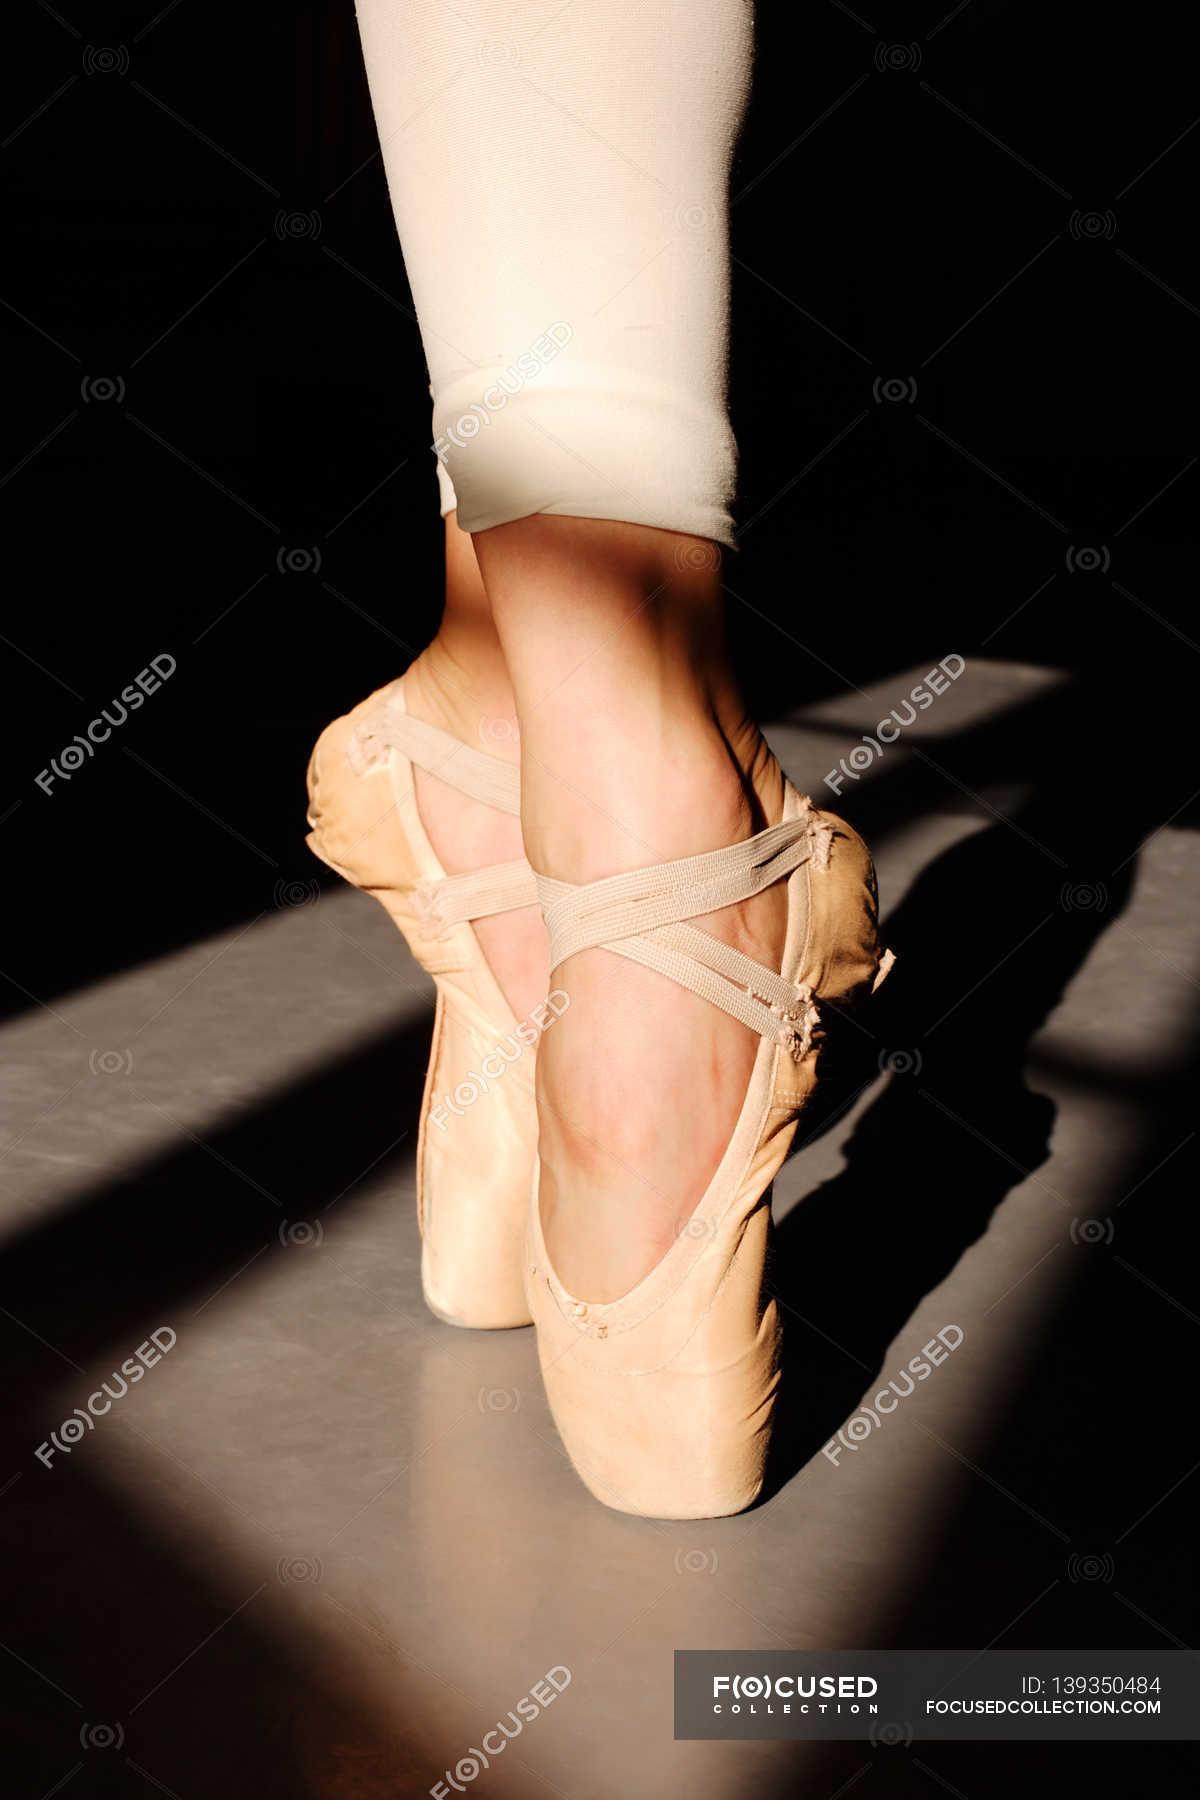 Ballerina Füße in Spitzenschuhe — ausführung, stabilität